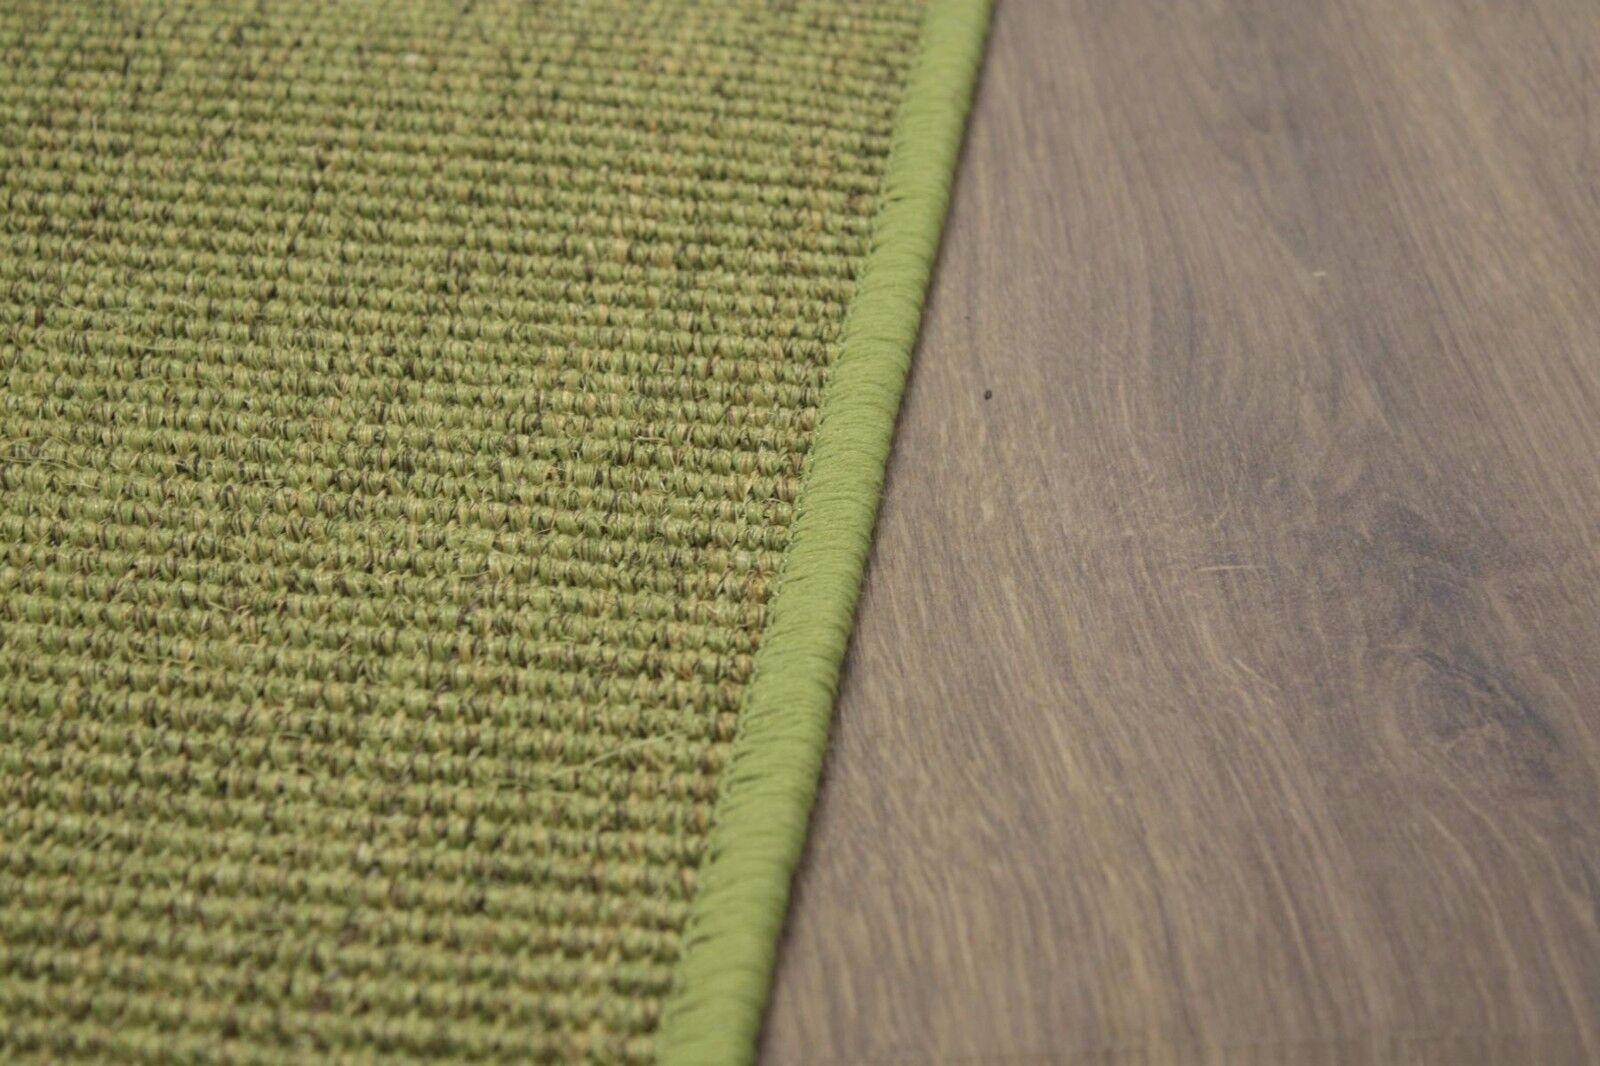 sisal Tapis Surfilé vert SISAL moucheté 150x200cm 100% SISAL vert boucle e6598e